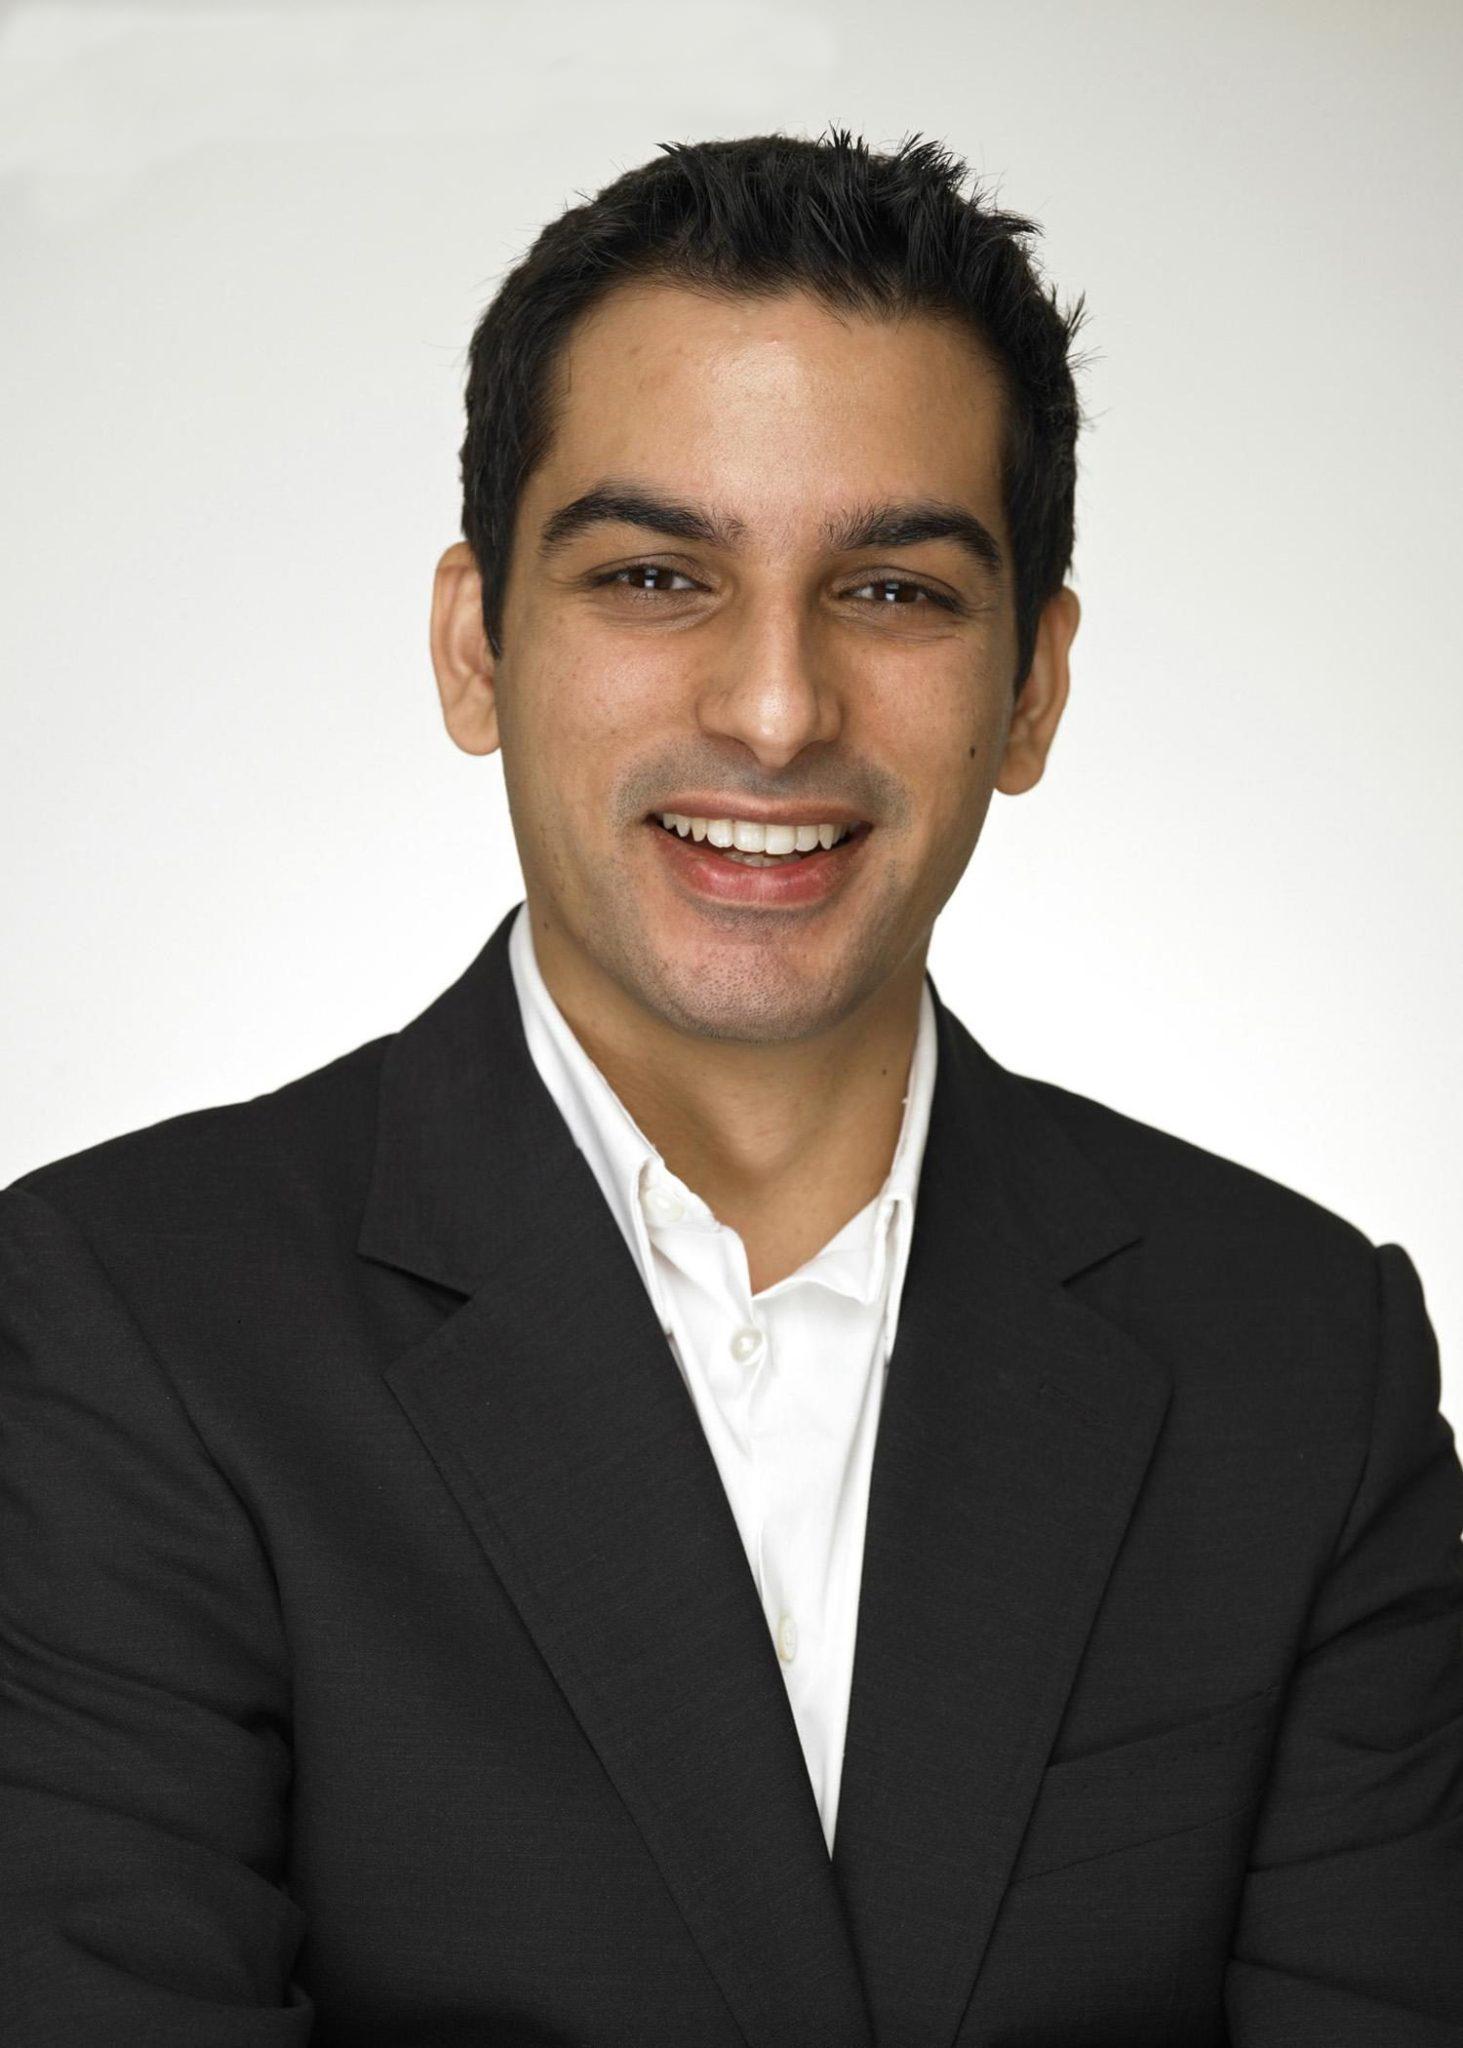 Ahmer Iqbal